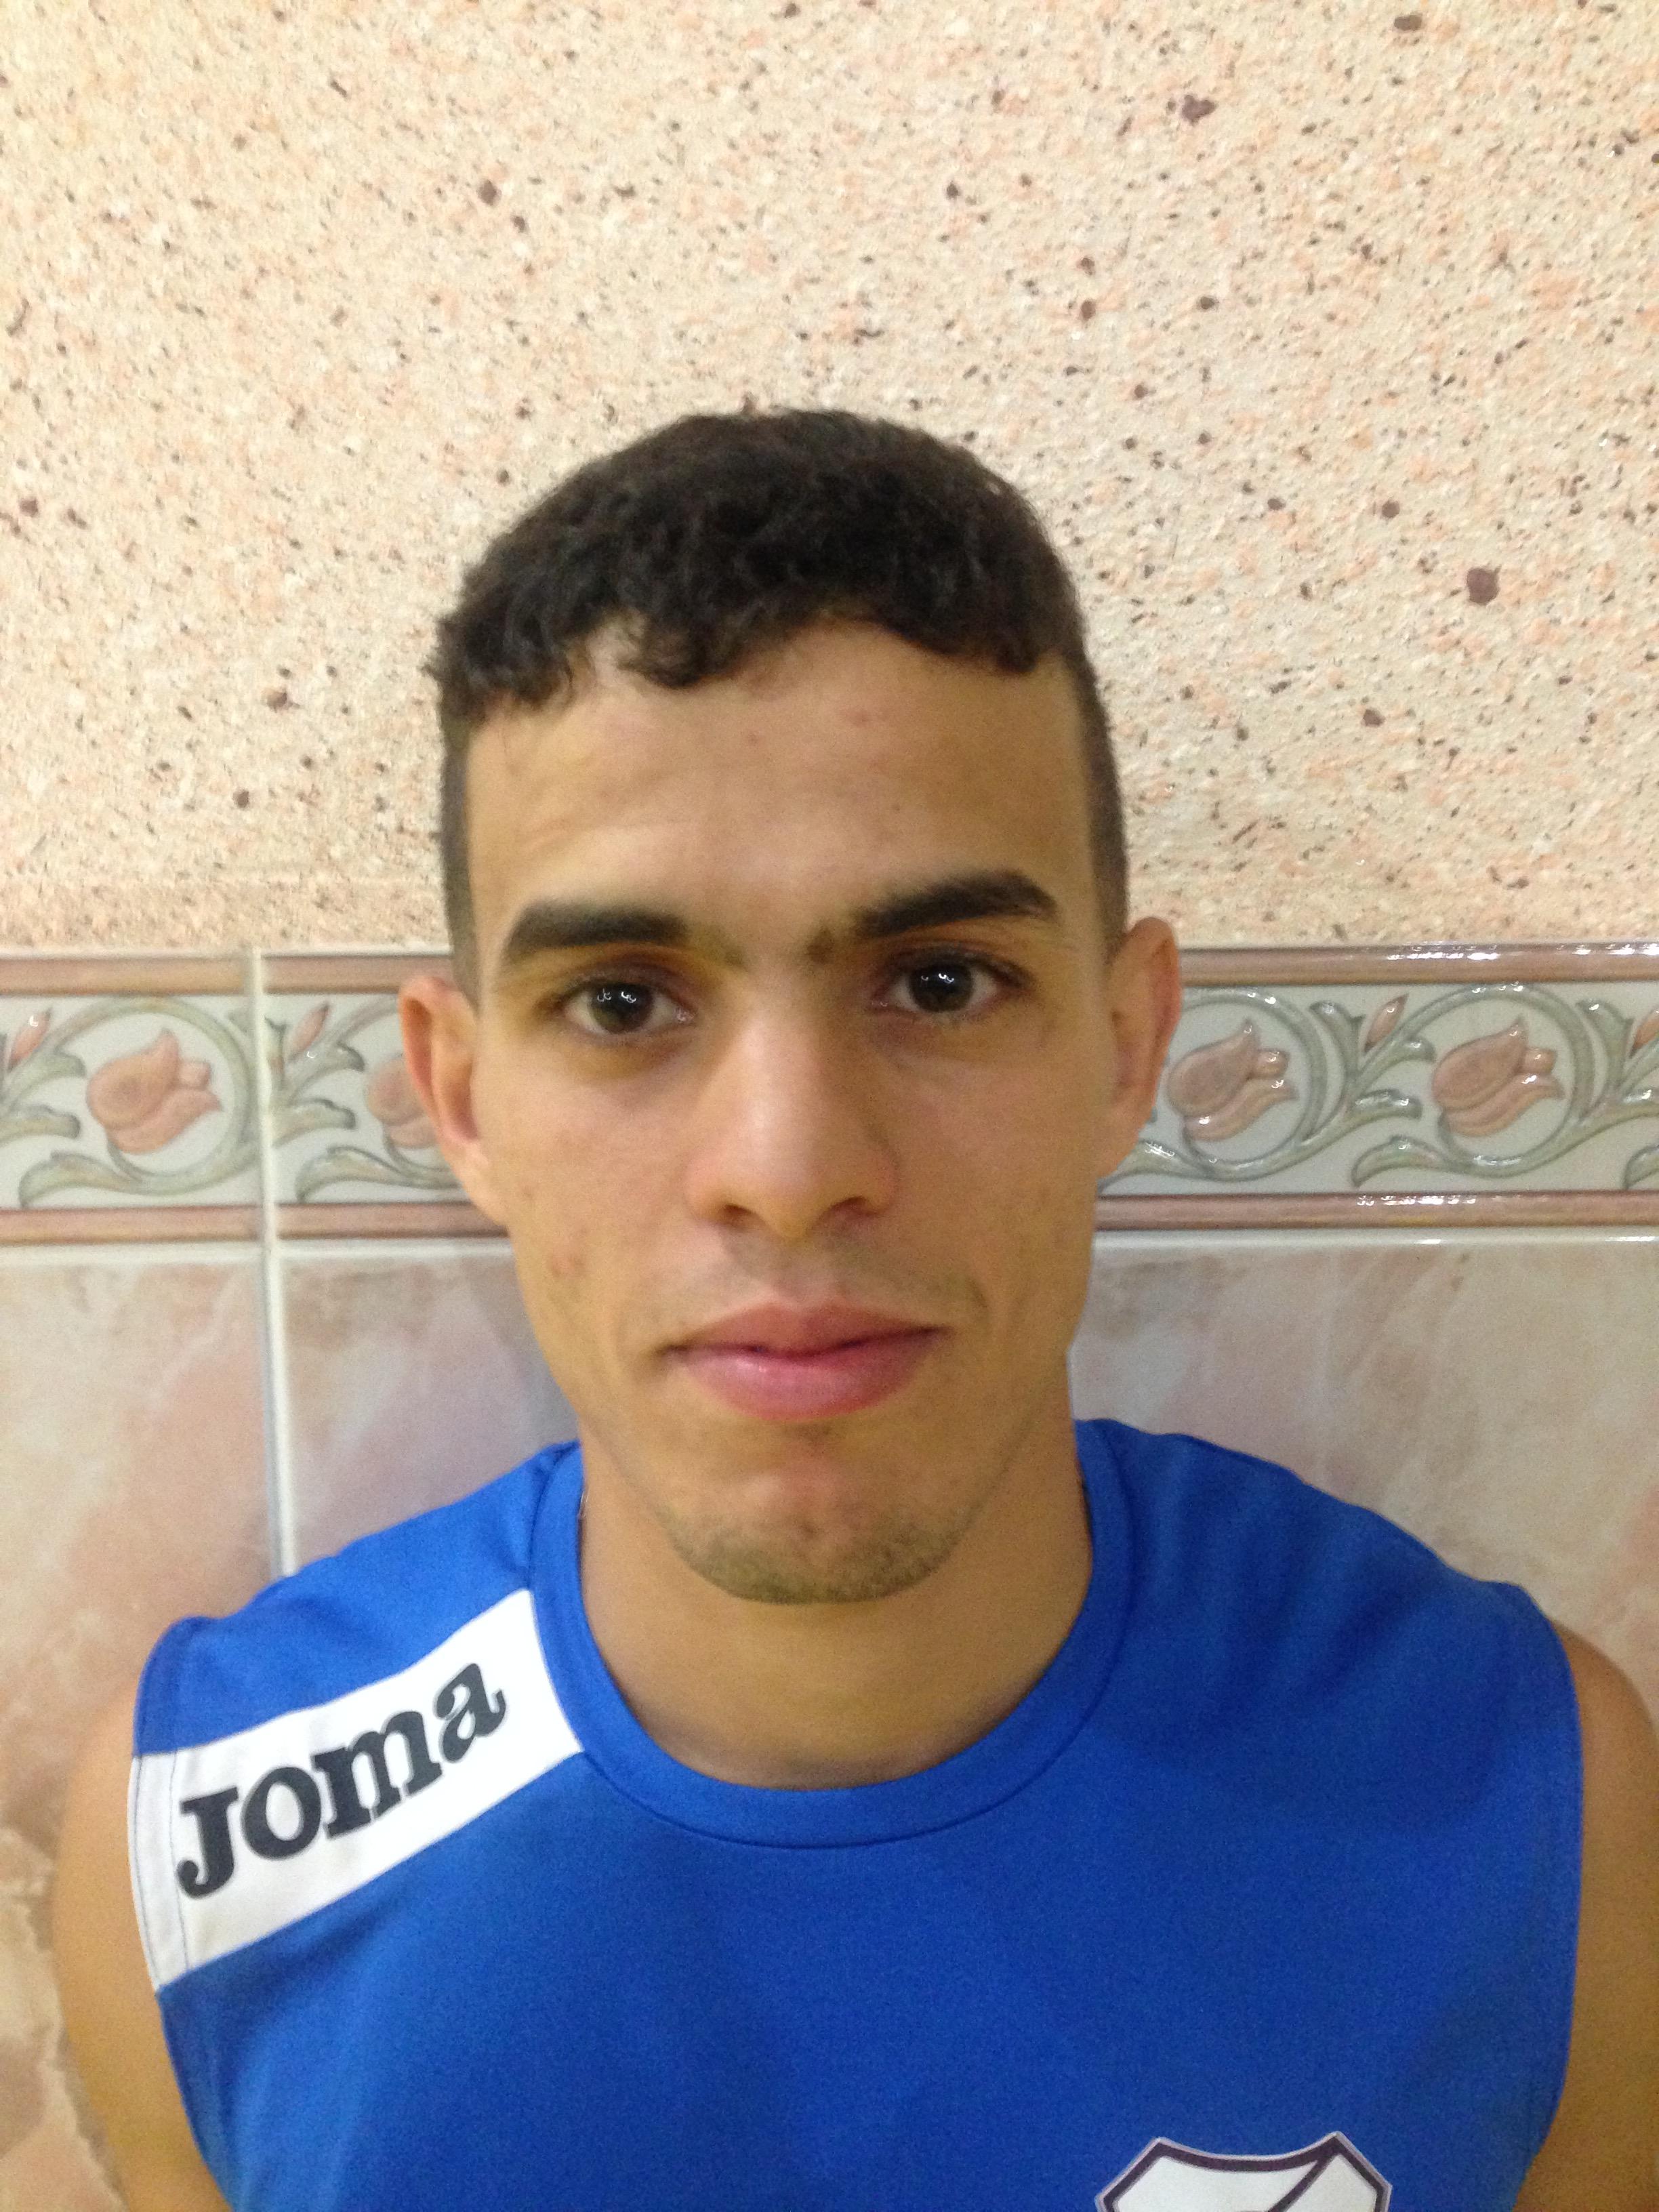 GAHFIF Ismail